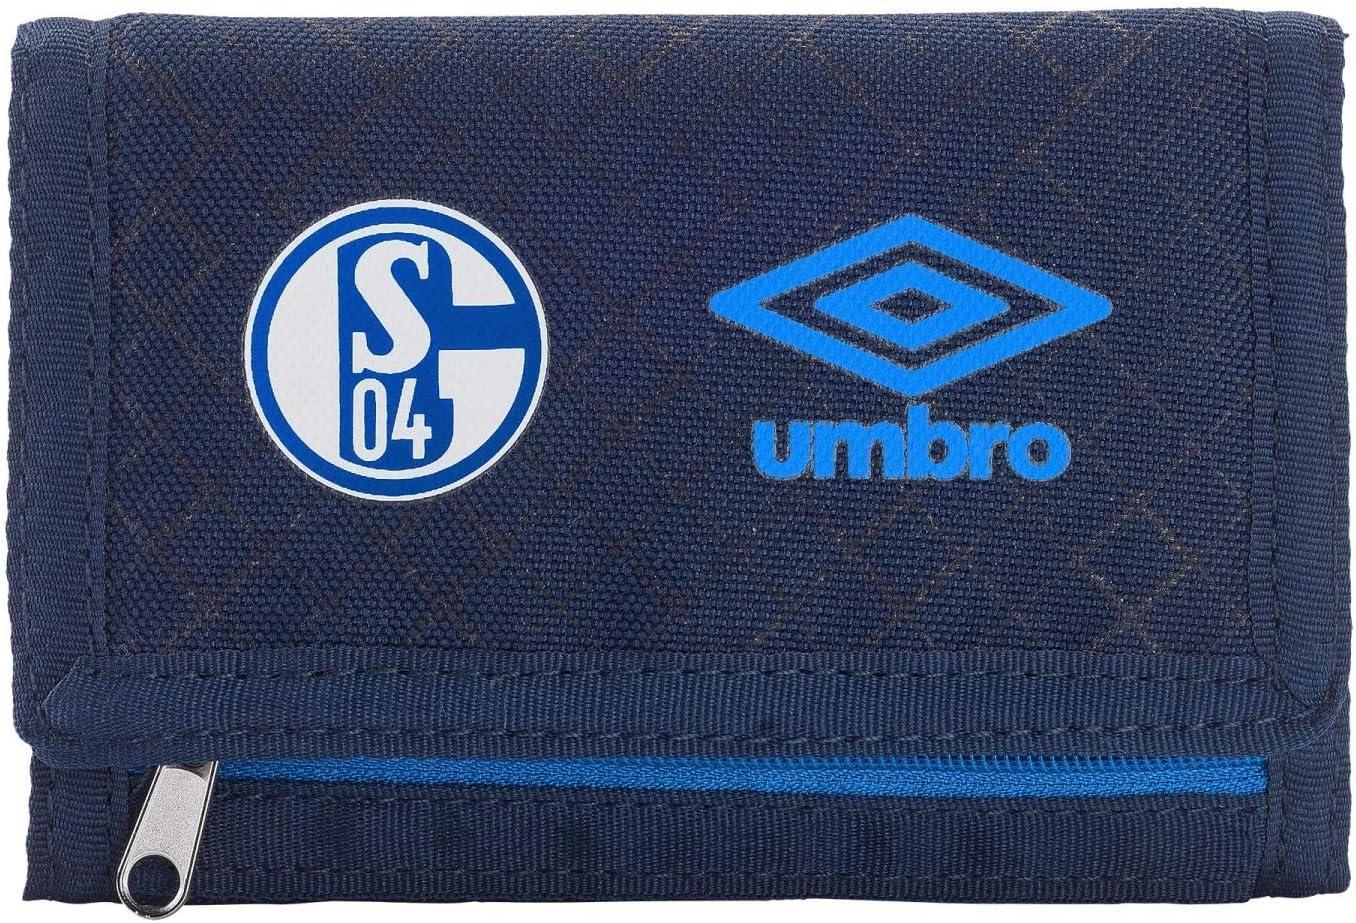 Plus Lesezeichen I Love Gelsenkirchen Geldbeutel Portmonee S04 FC Schalke 04 Geldb/örse blau